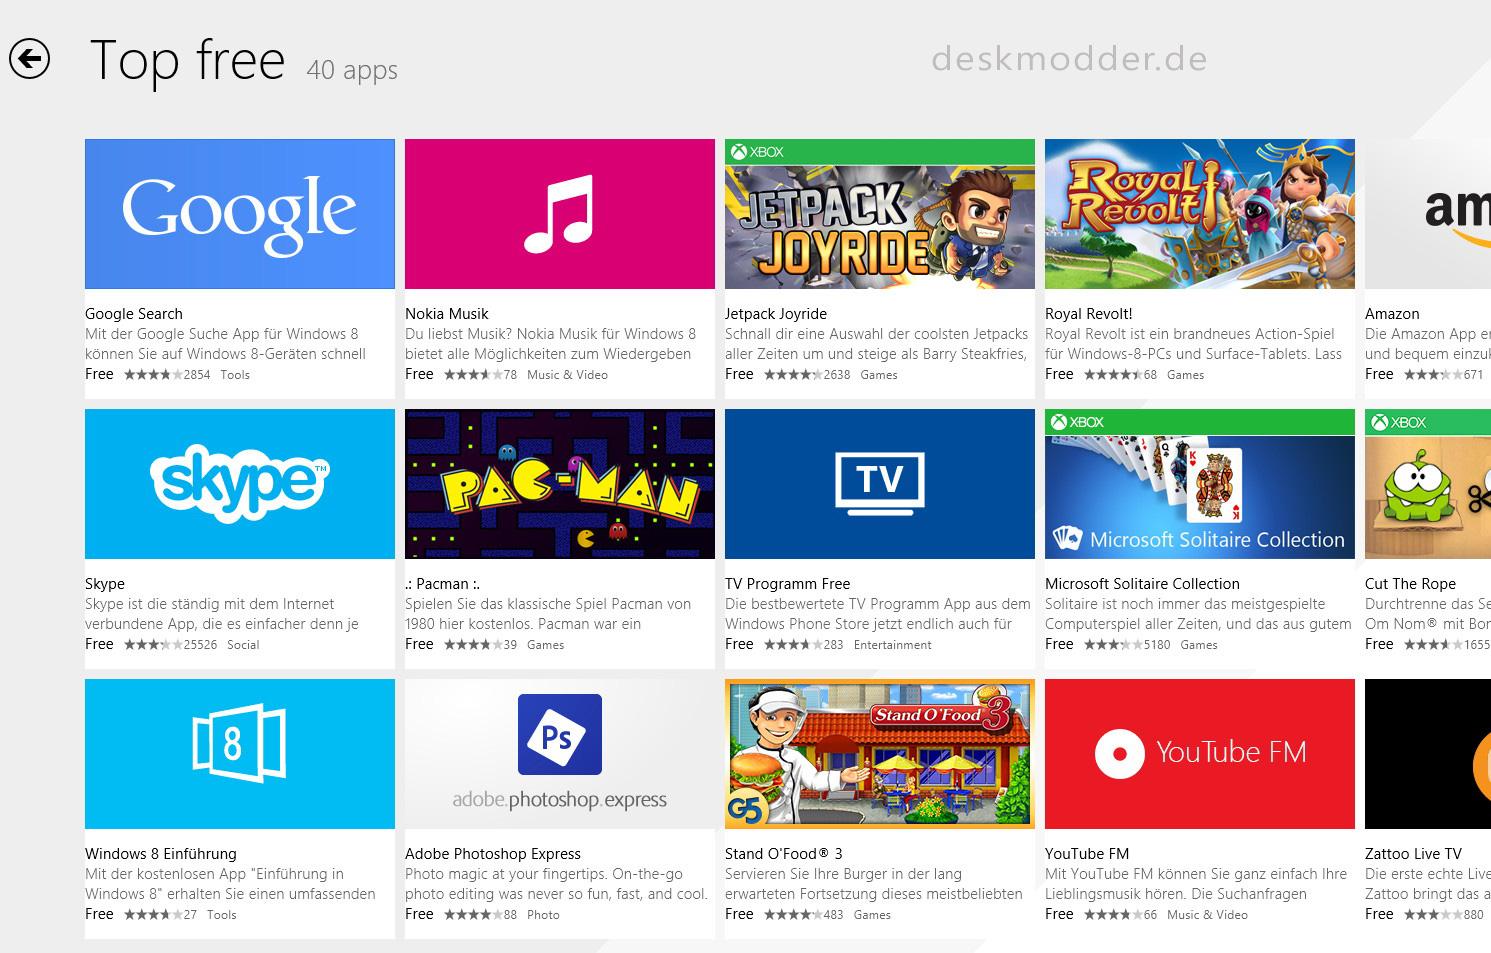 N-TV, XING und Facebook mit neuen Windows-Apps